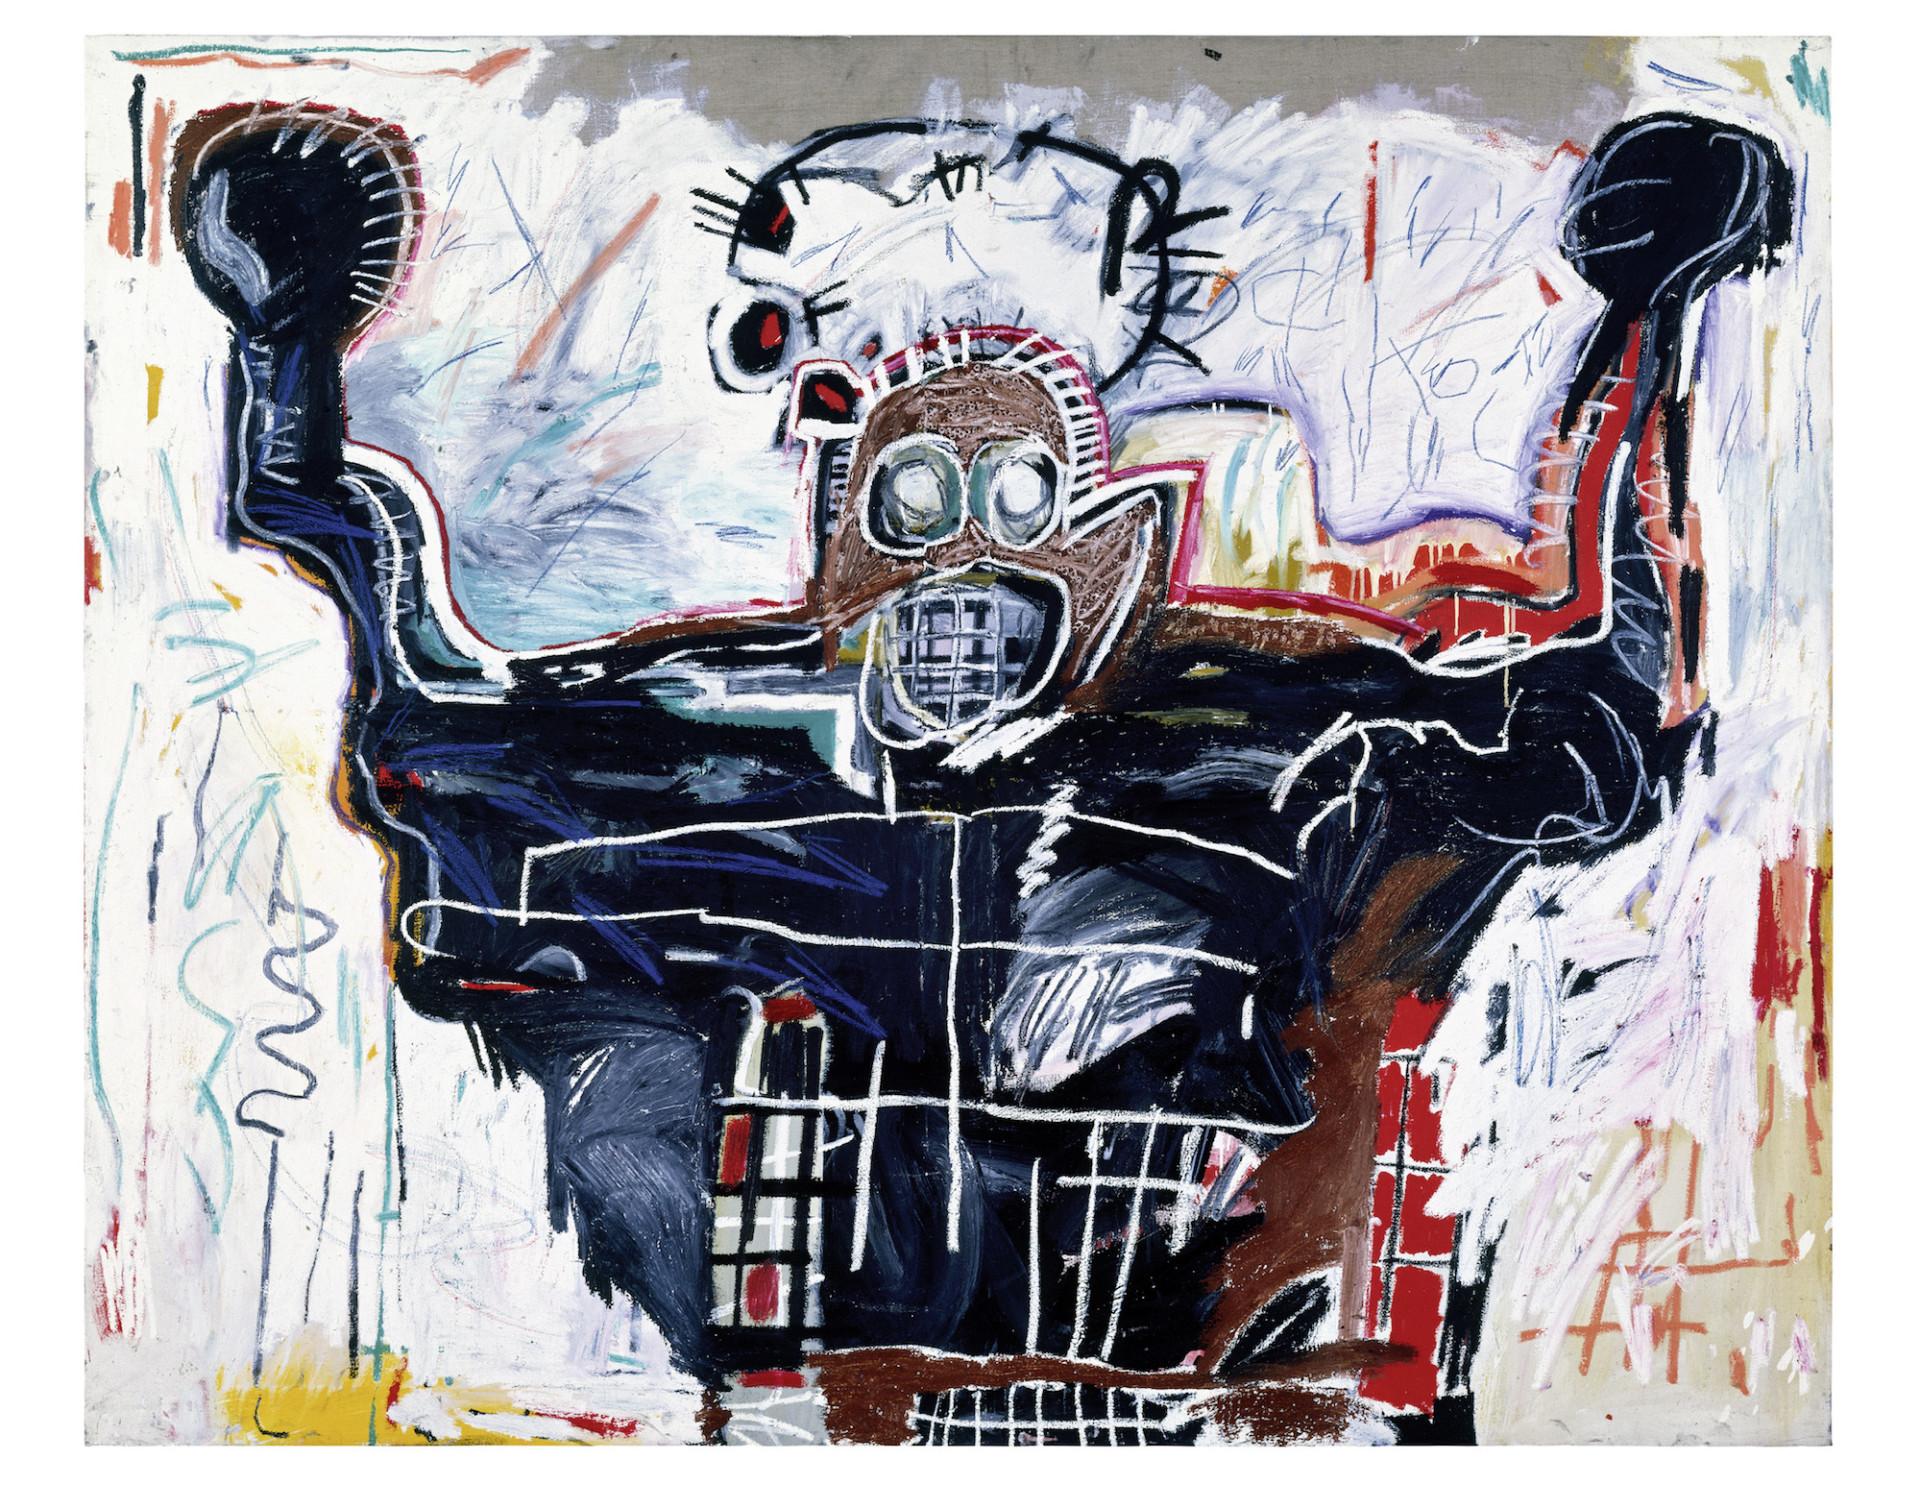 XL_Basquiat_01141_159-960x754@2x.jpg